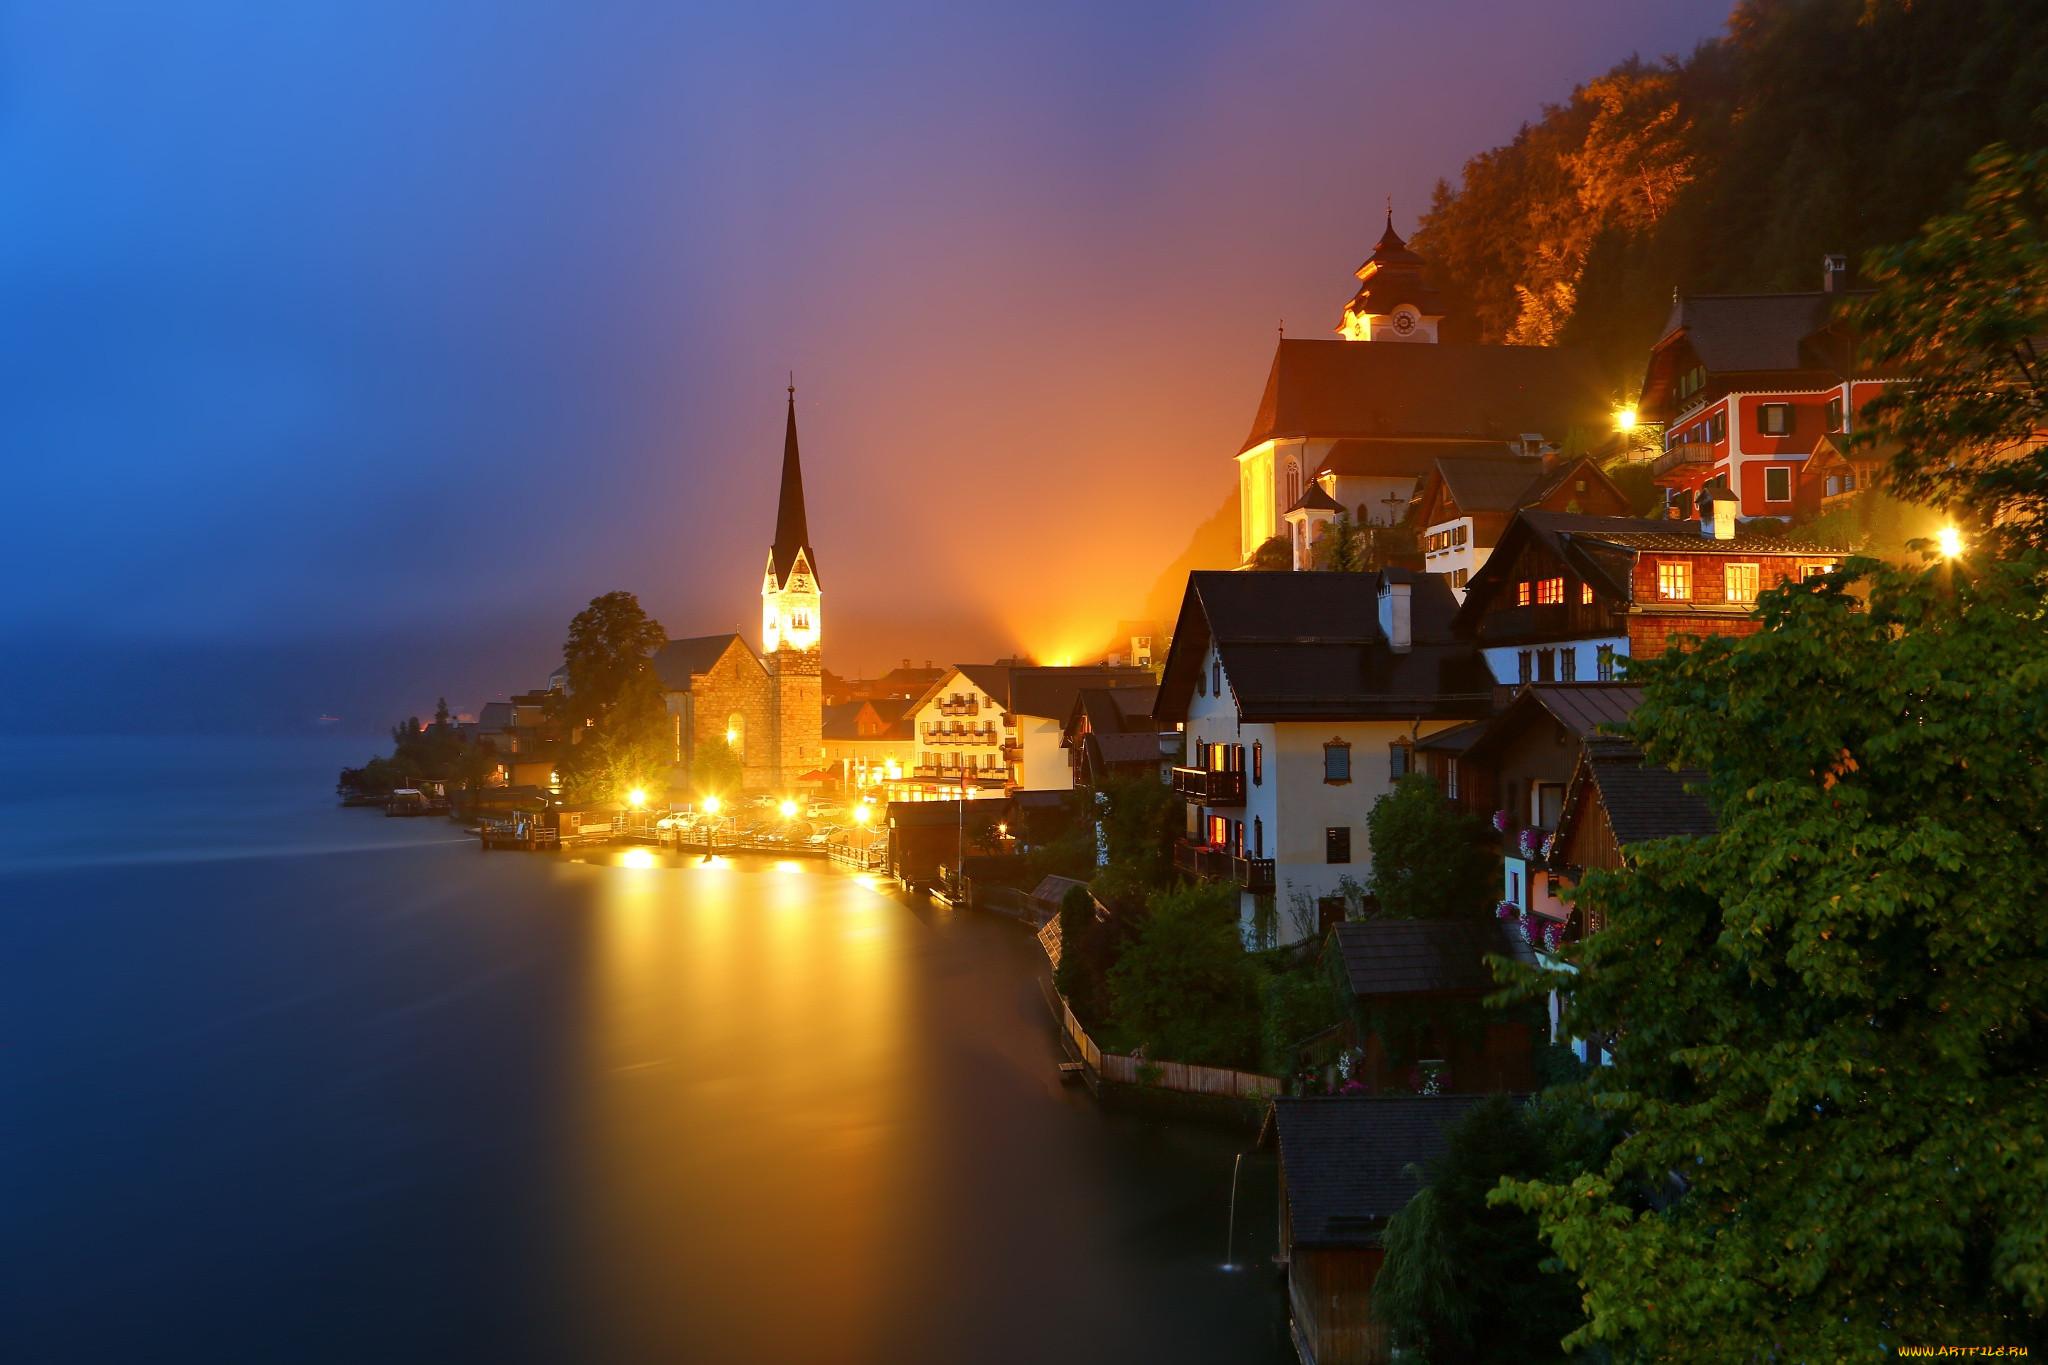 Обои австрия, дома, альпы, гальштат, hallstatt, austria. Города foto 19